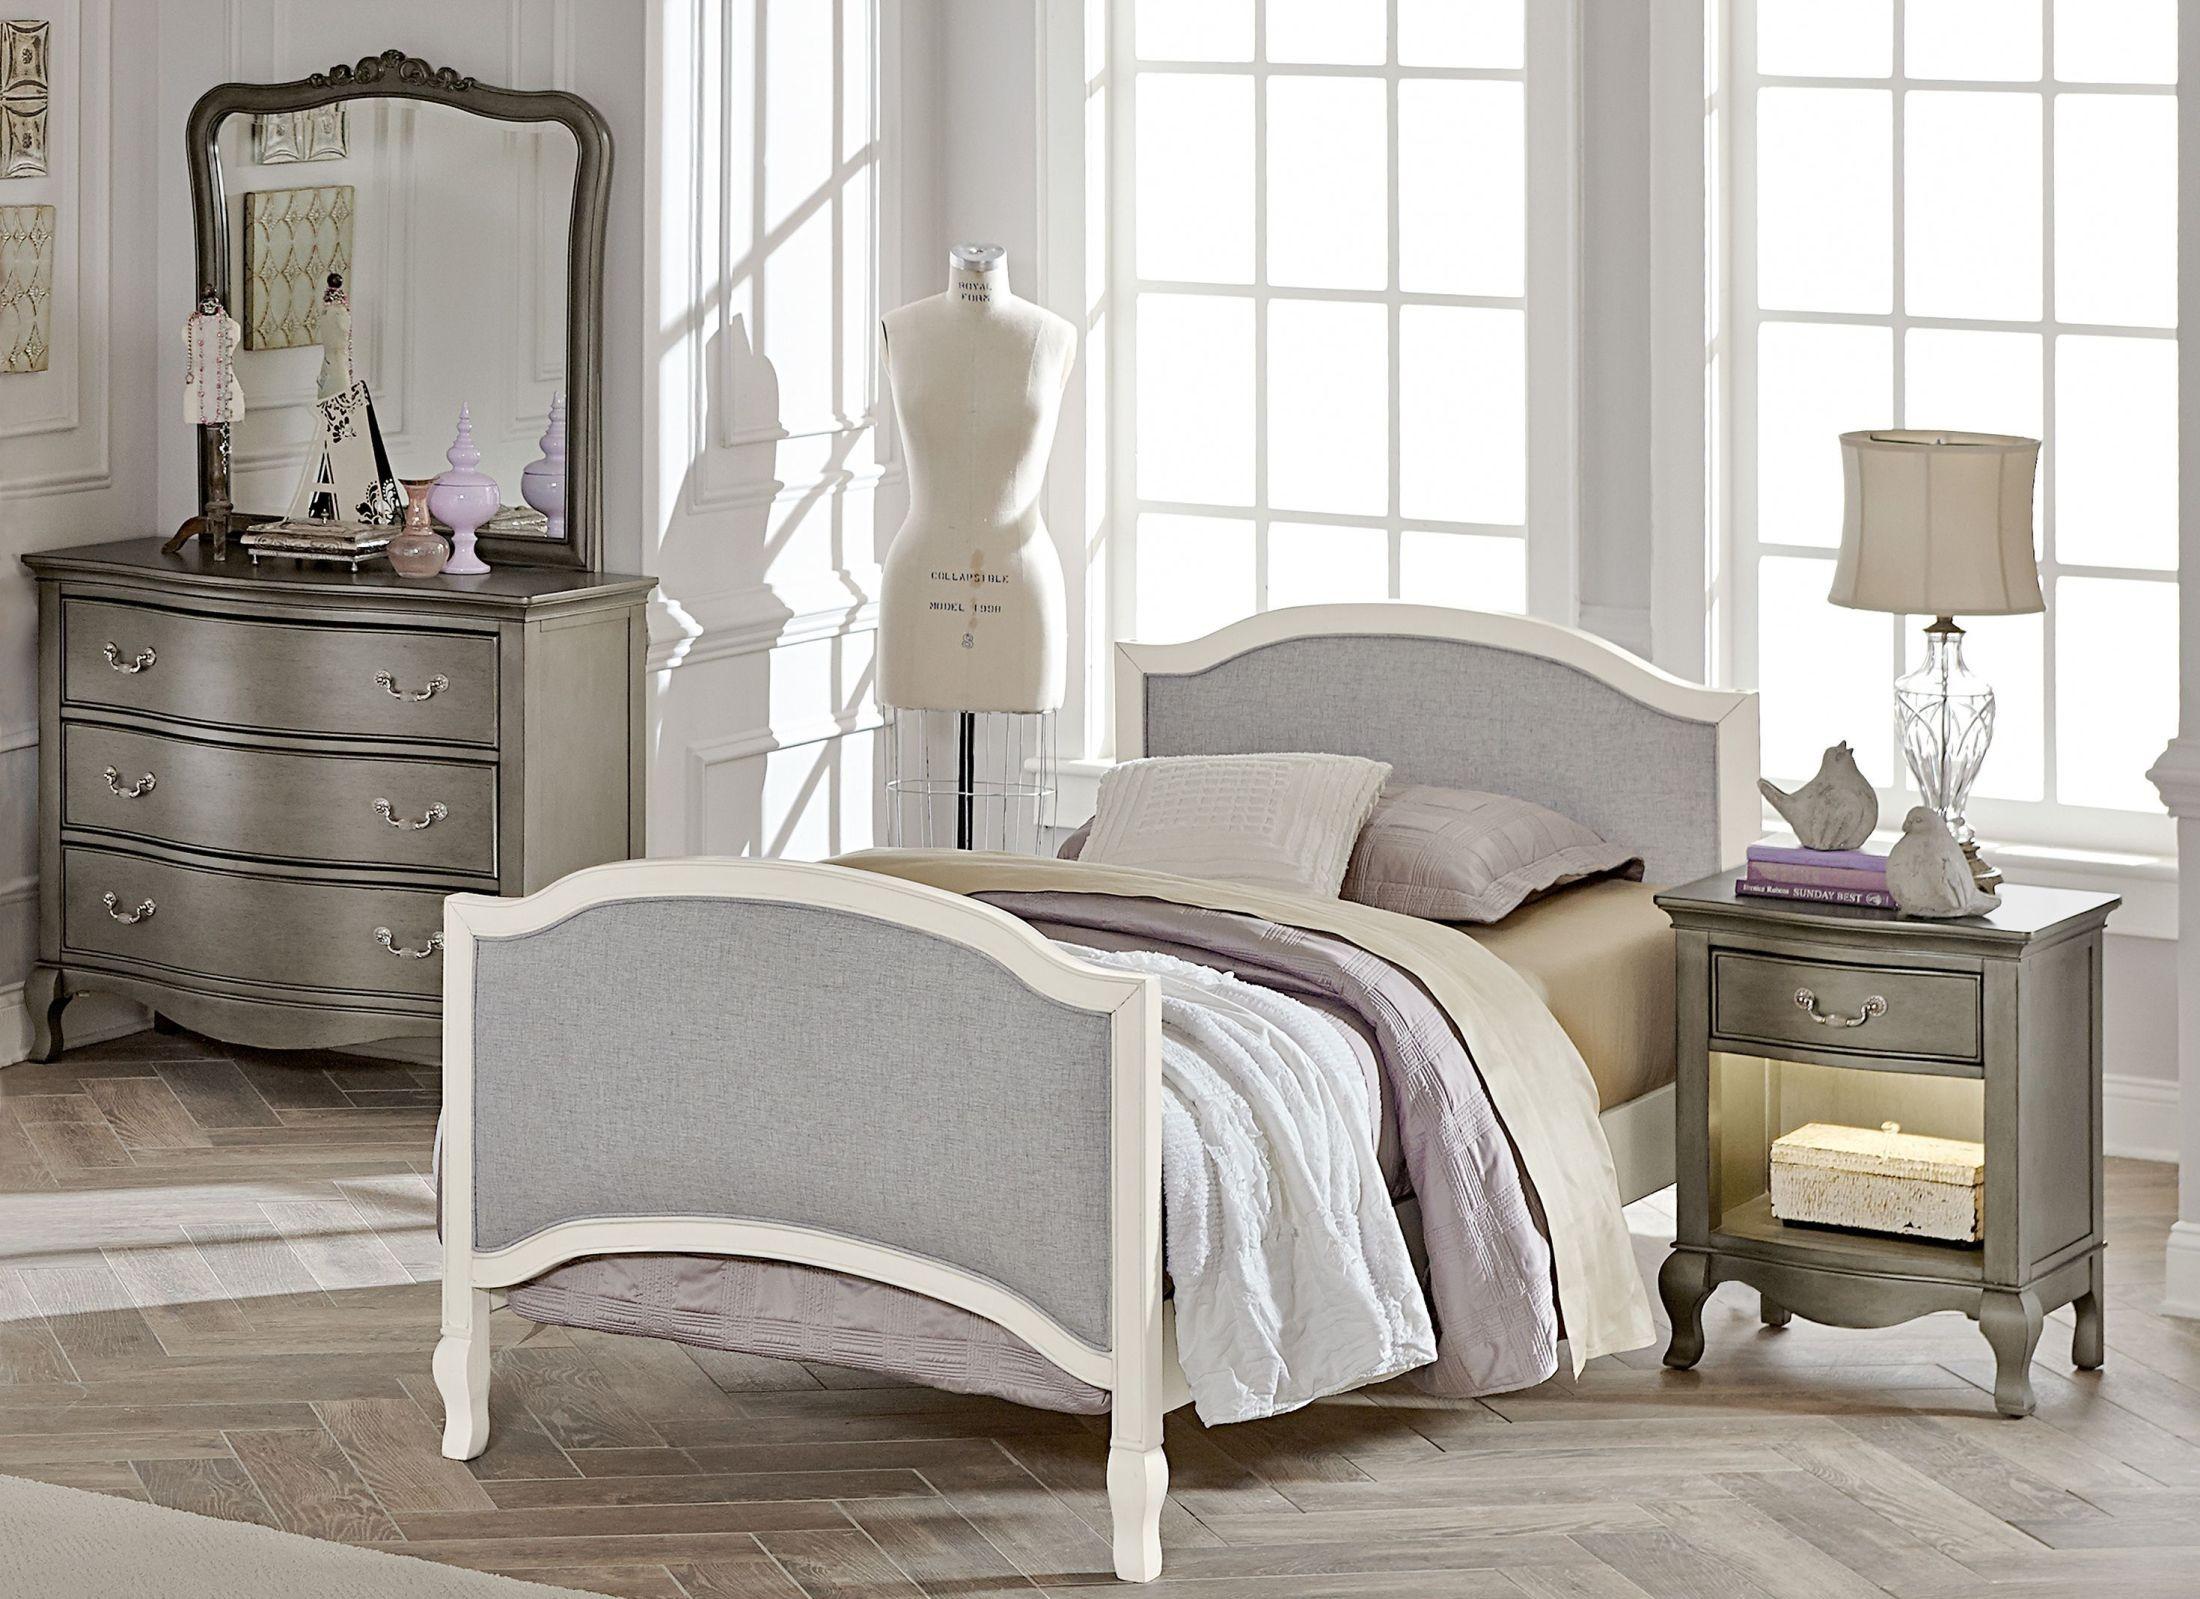 kensington antique white victoria youth panel bedroom set from ne kids coleman furniture. Black Bedroom Furniture Sets. Home Design Ideas